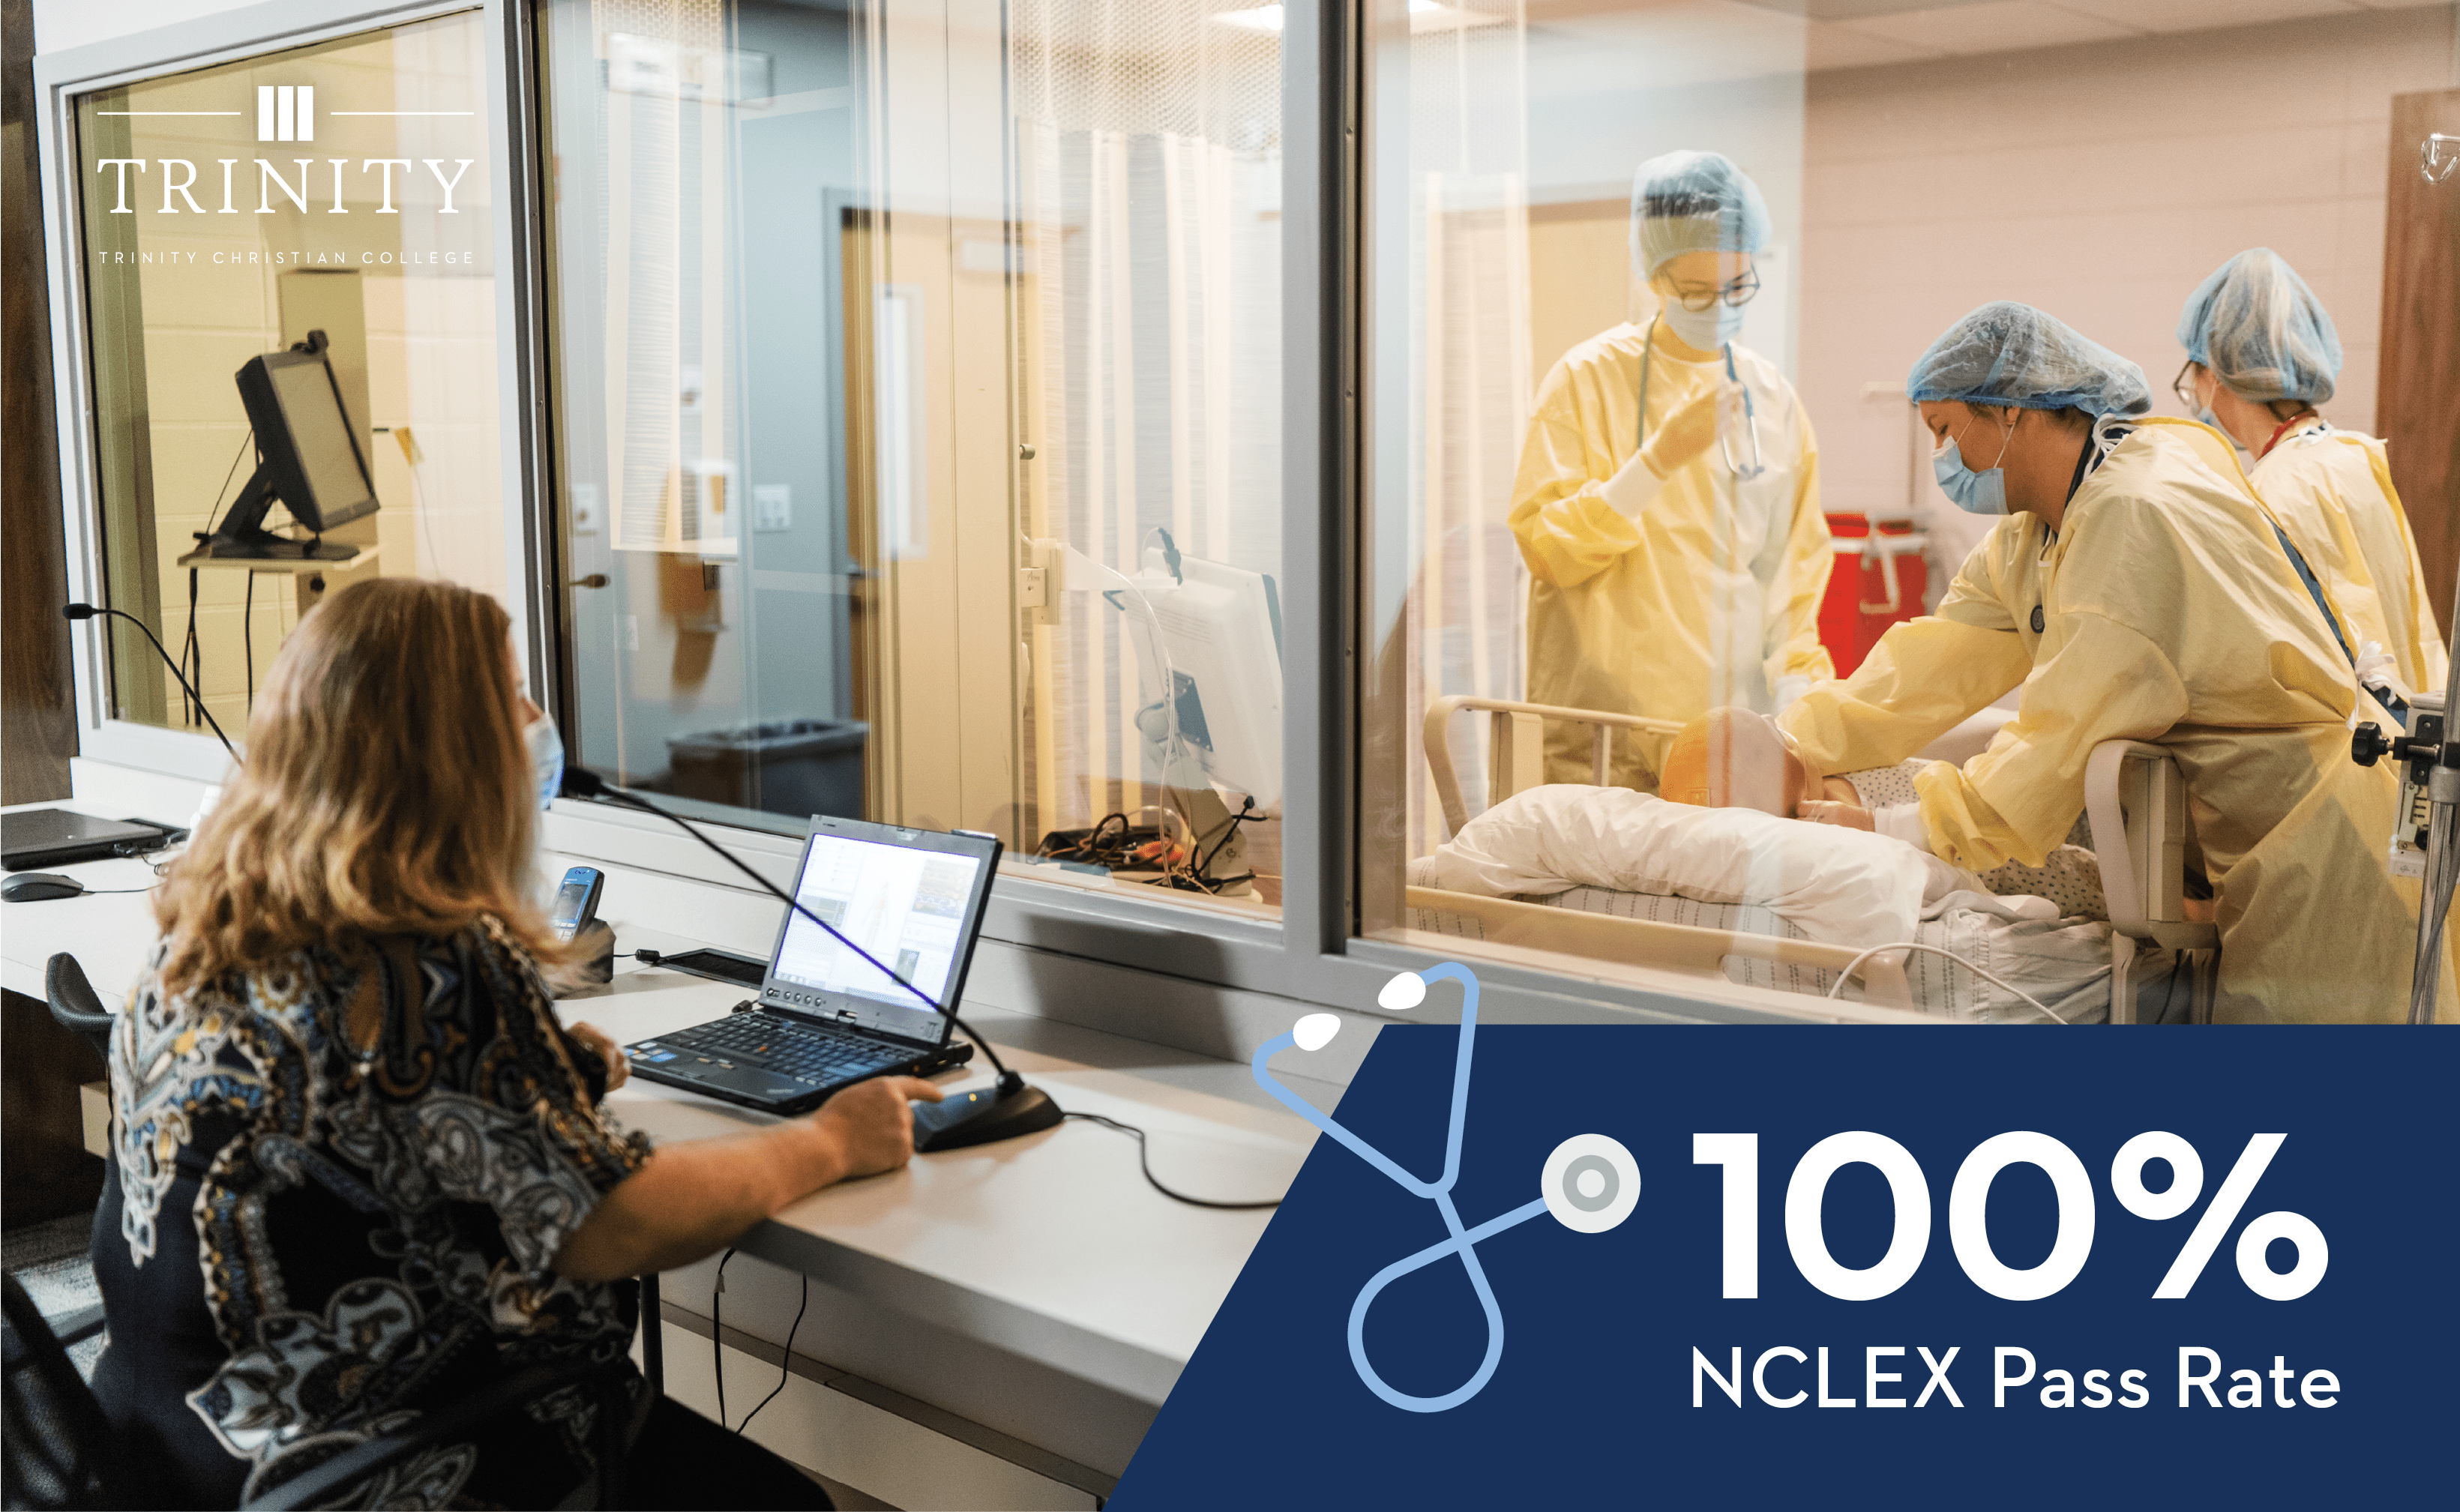 100% NCLEX pass rate